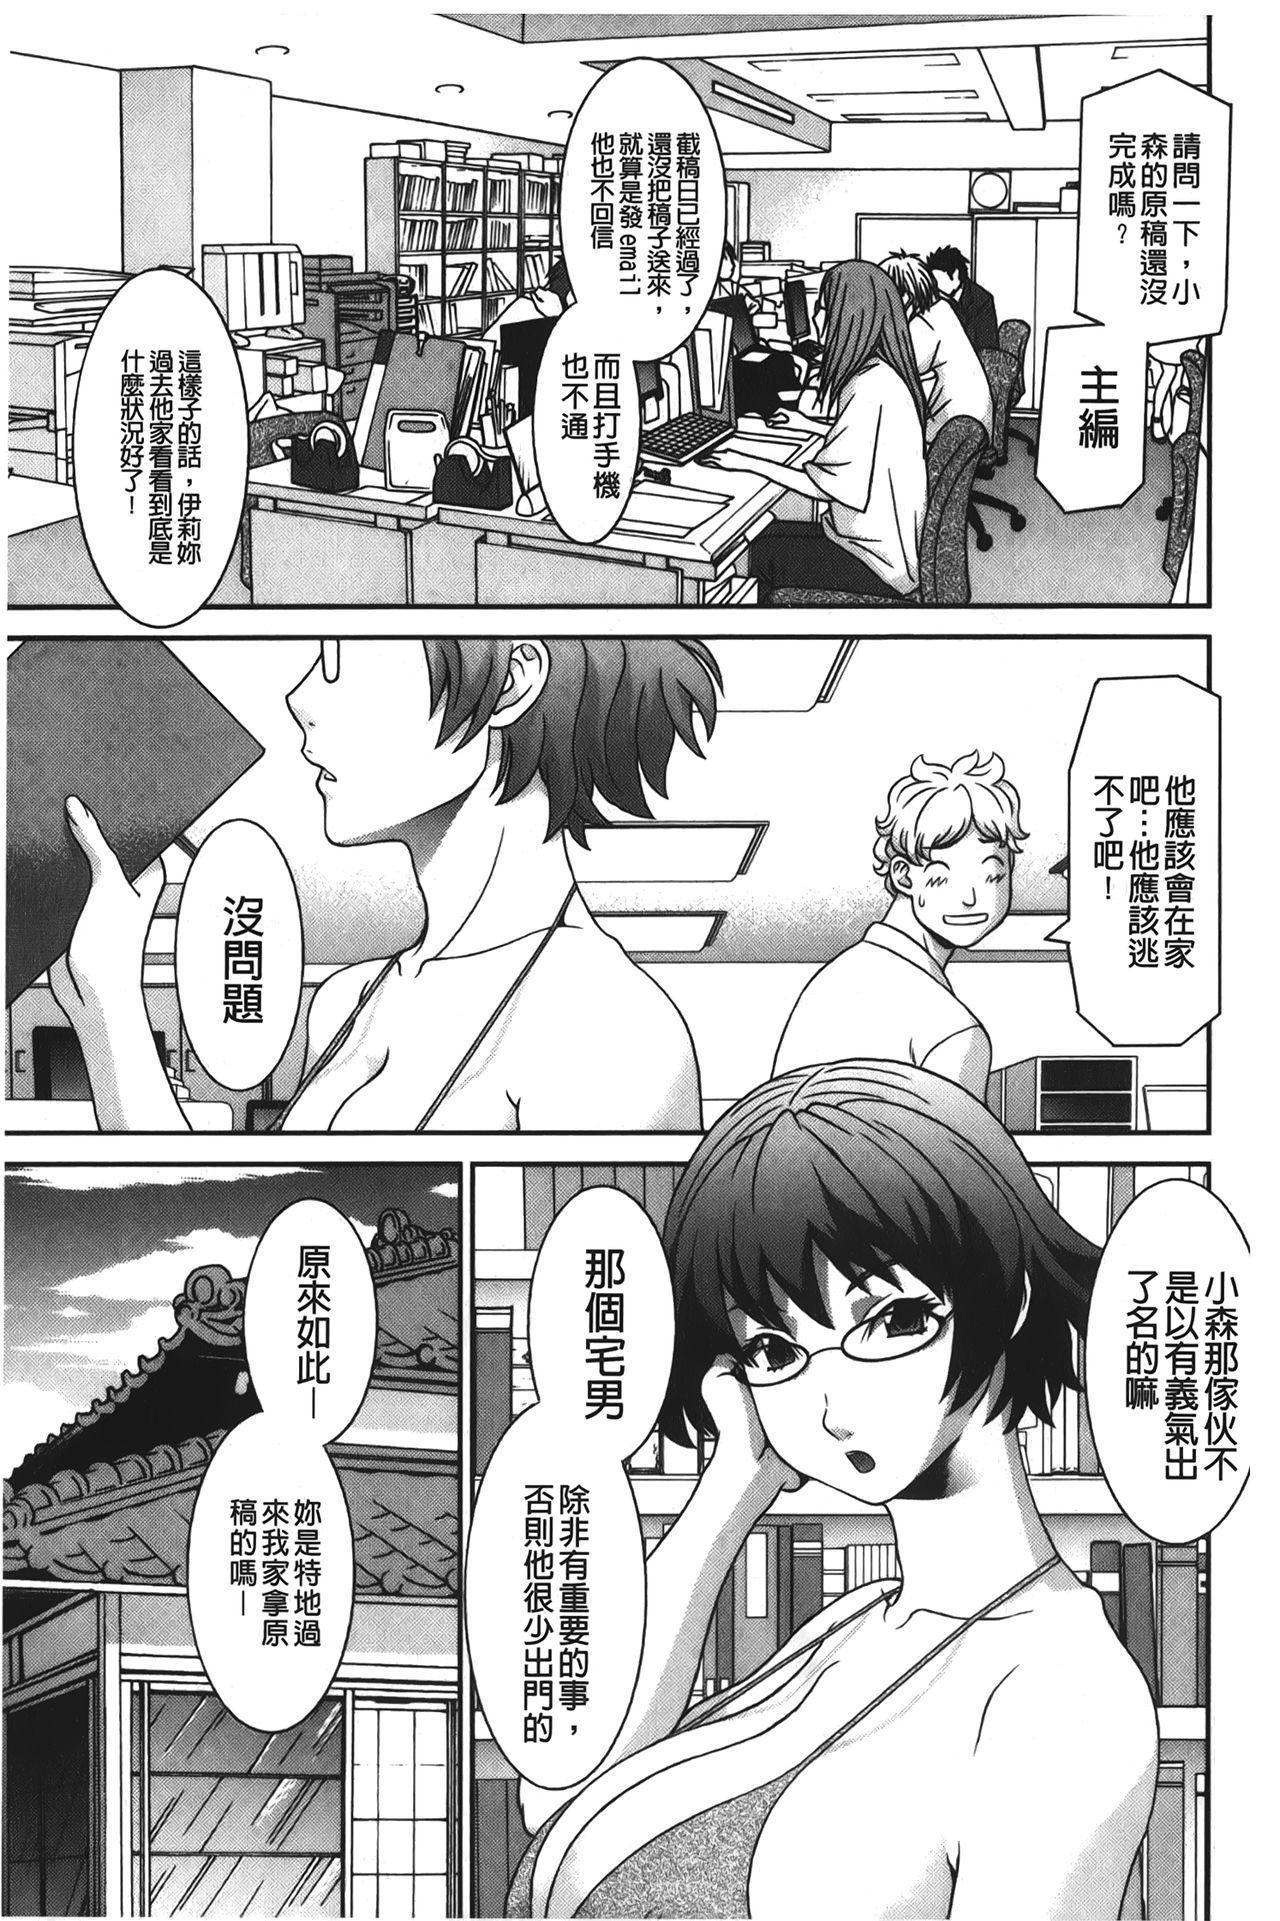 Bakunyuu Kaseifu Ayame-san | 爆乳家政婦阿亞美小姐 43